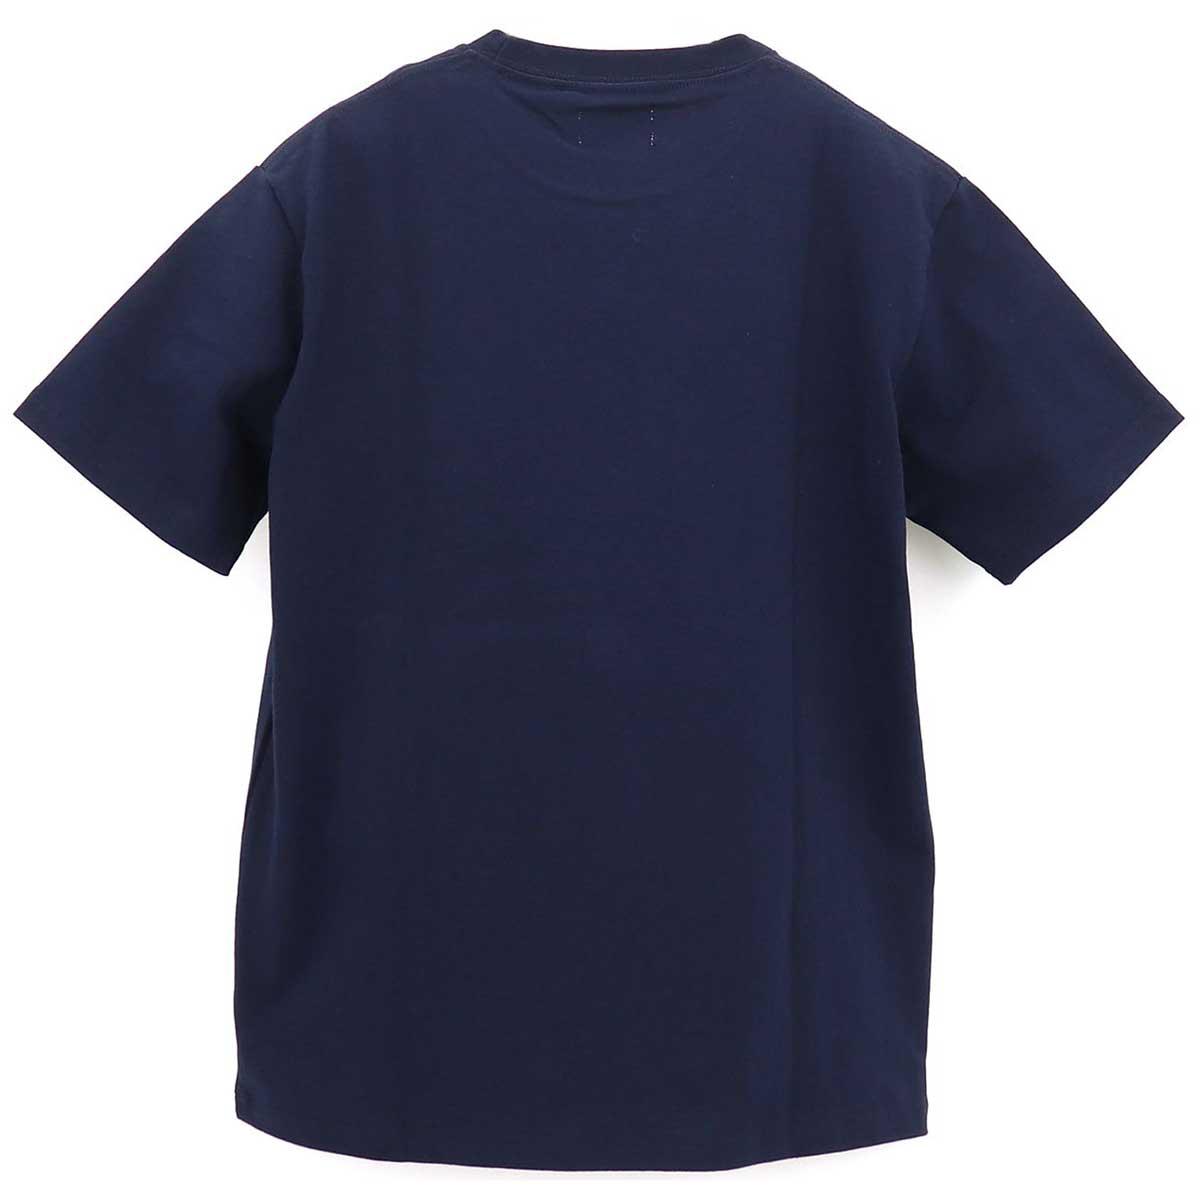 スウィープ ロサンゼルス Sweep!! LosAngeles メンズ USAコットン クルーネック 半袖 Tシャツ USA COTTON-T / SL160004 SWP NAVY(ネイビー) 春夏新作